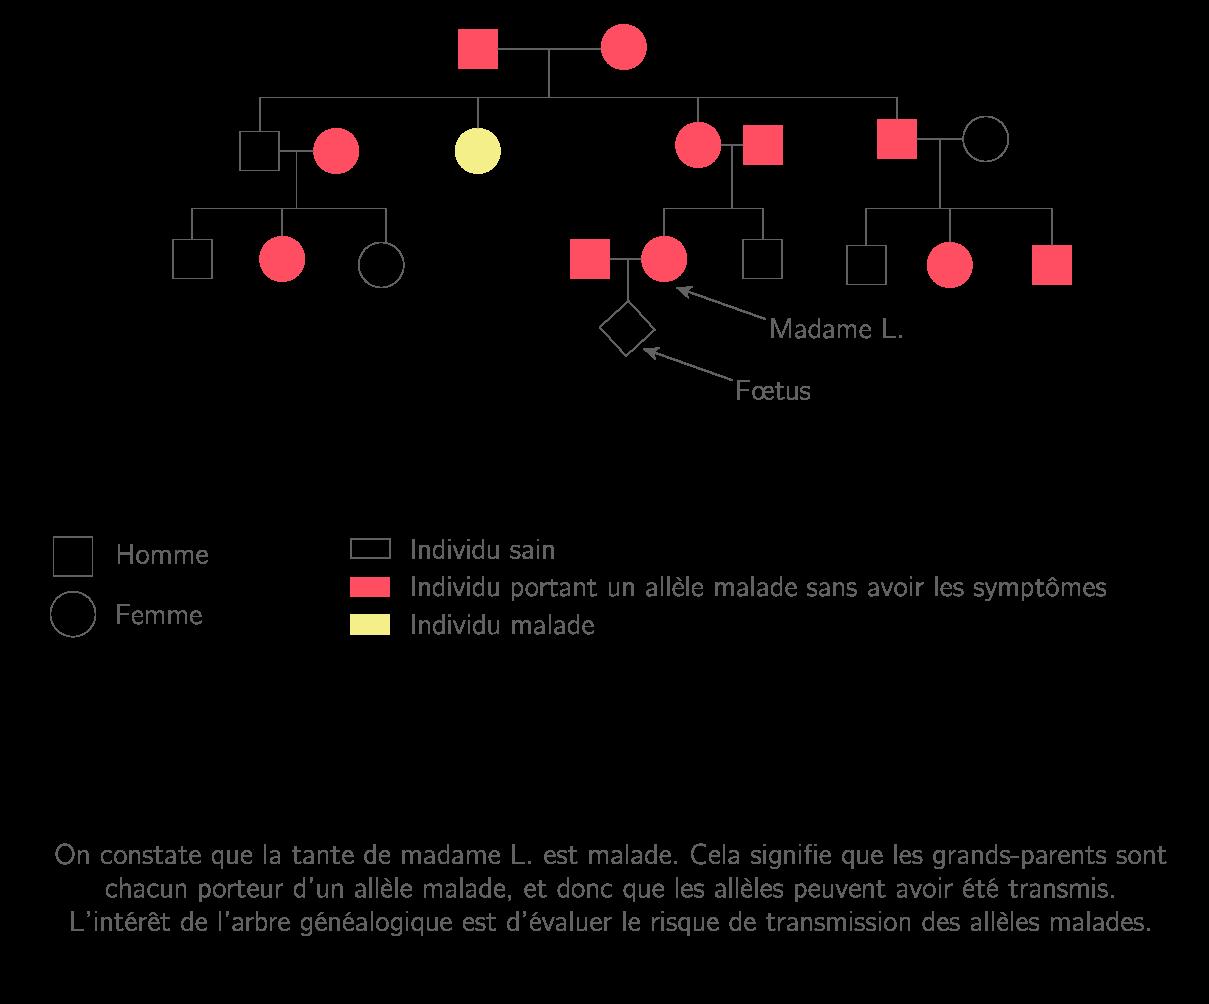 Arbre généalogique d'étude du risque de transmission de la mucoviscidose à un enfant à naître